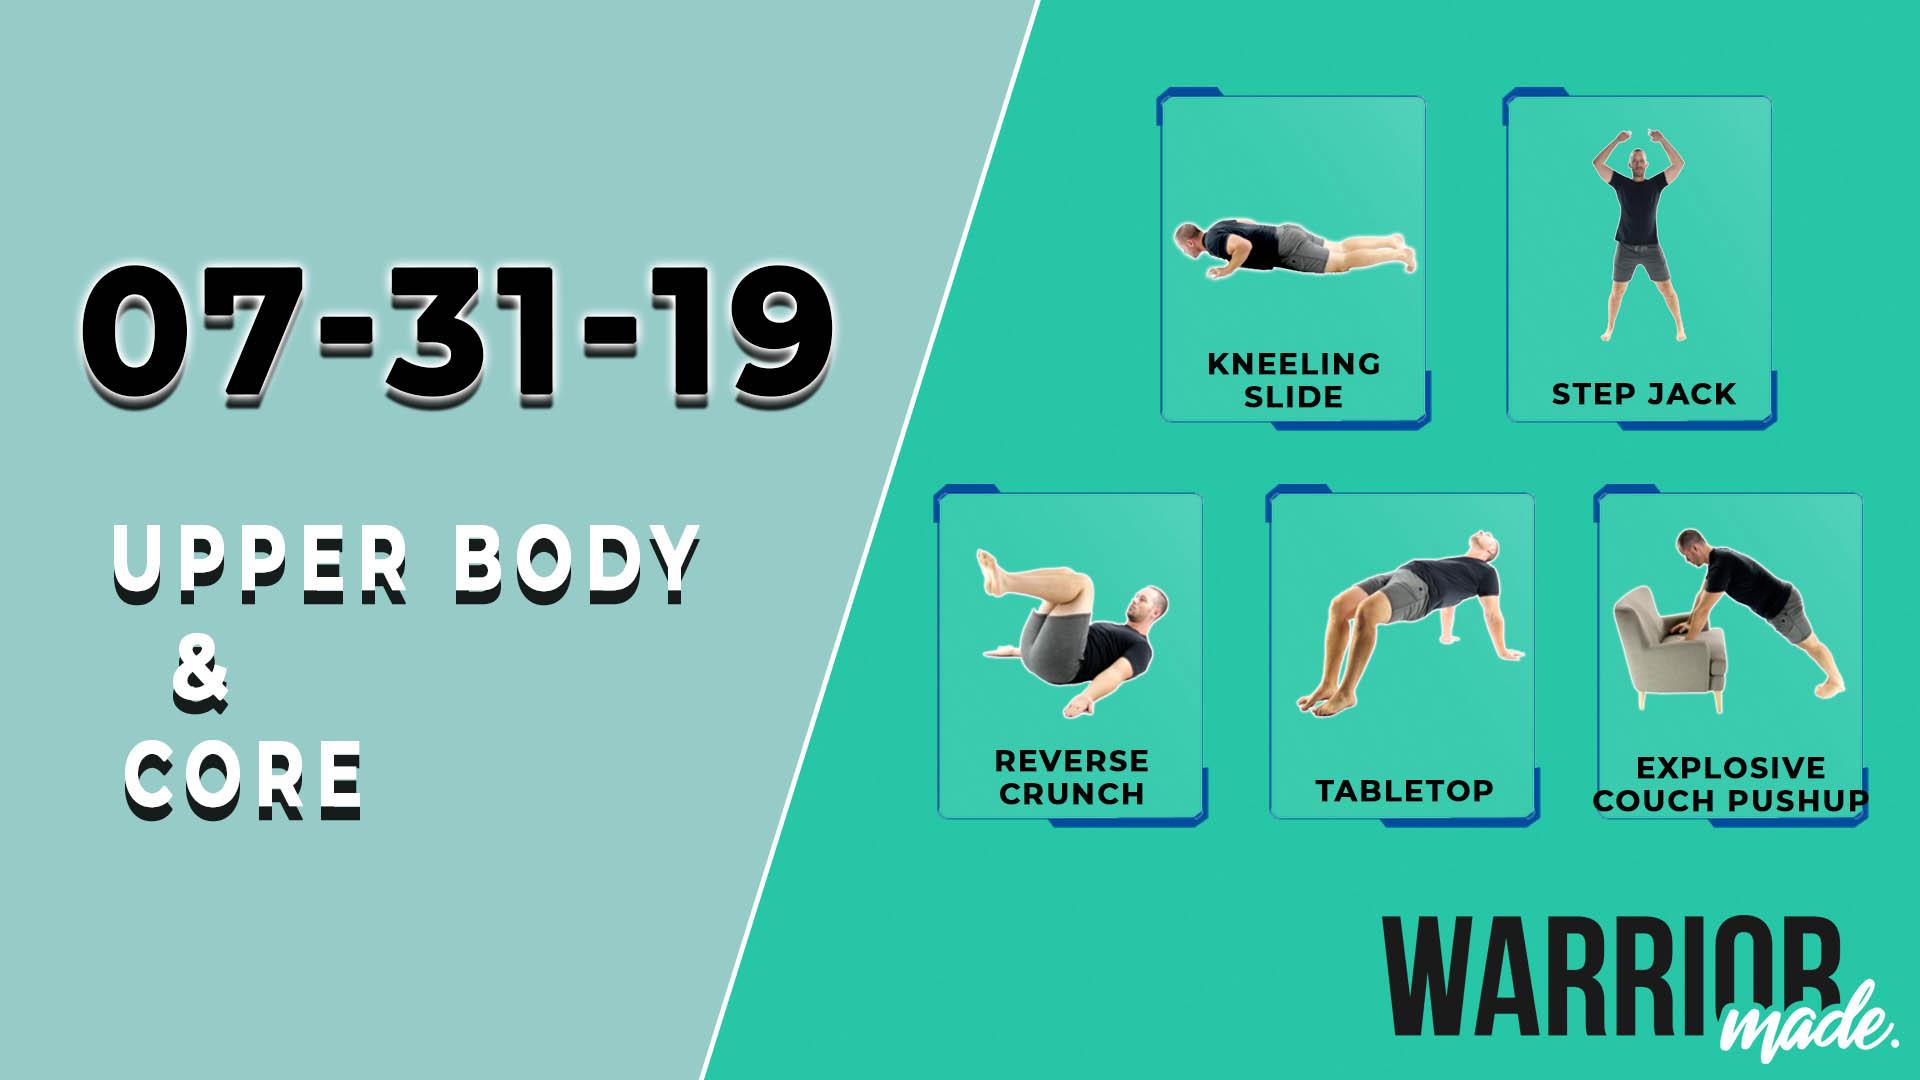 workouts-07-31-19